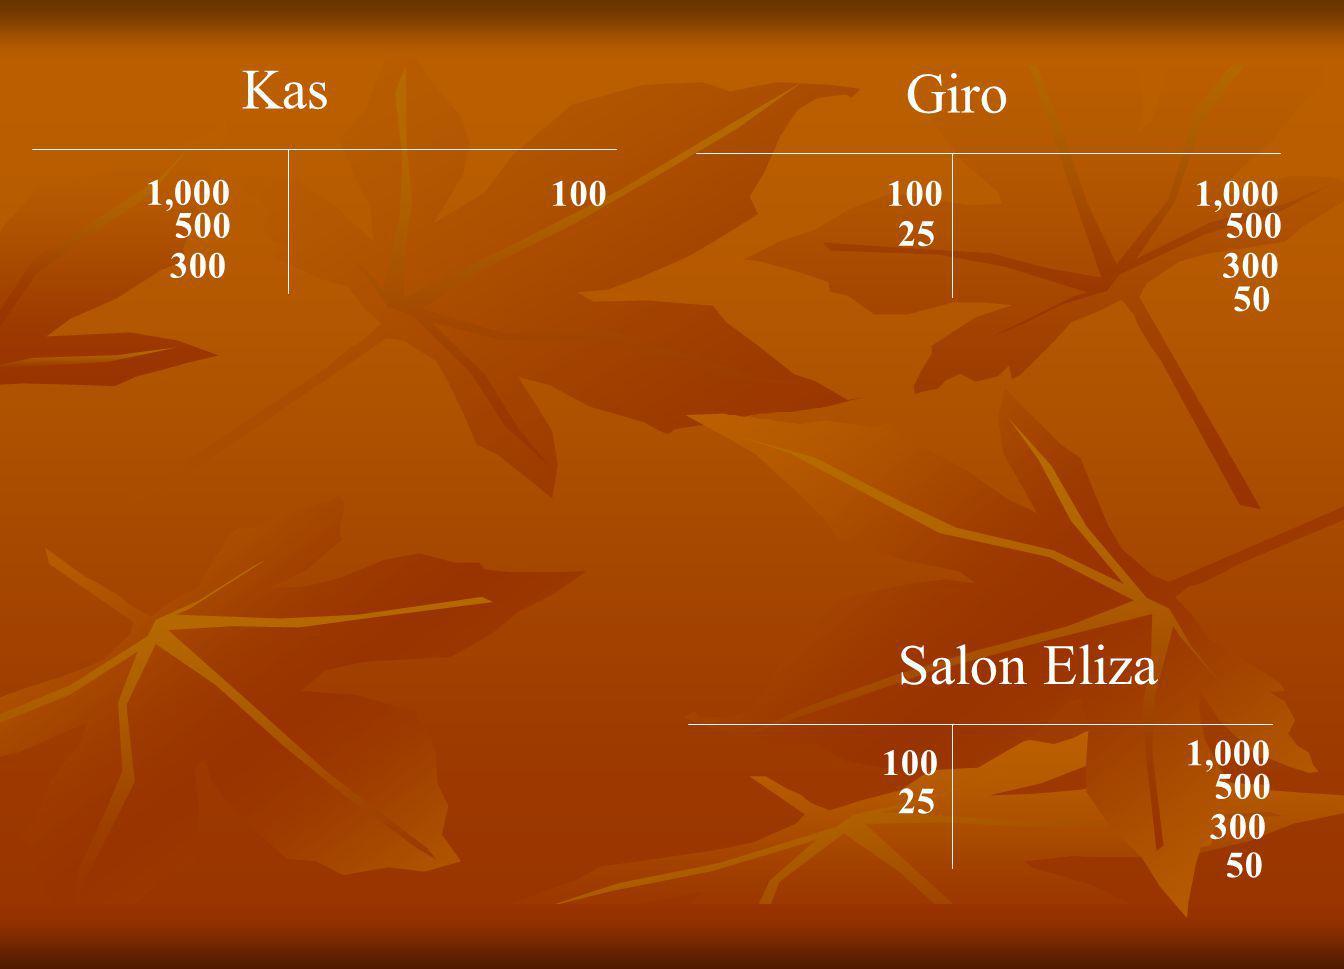 Kas Giro 1,000 Salon Eliza 1,000 100 500 300 50 25